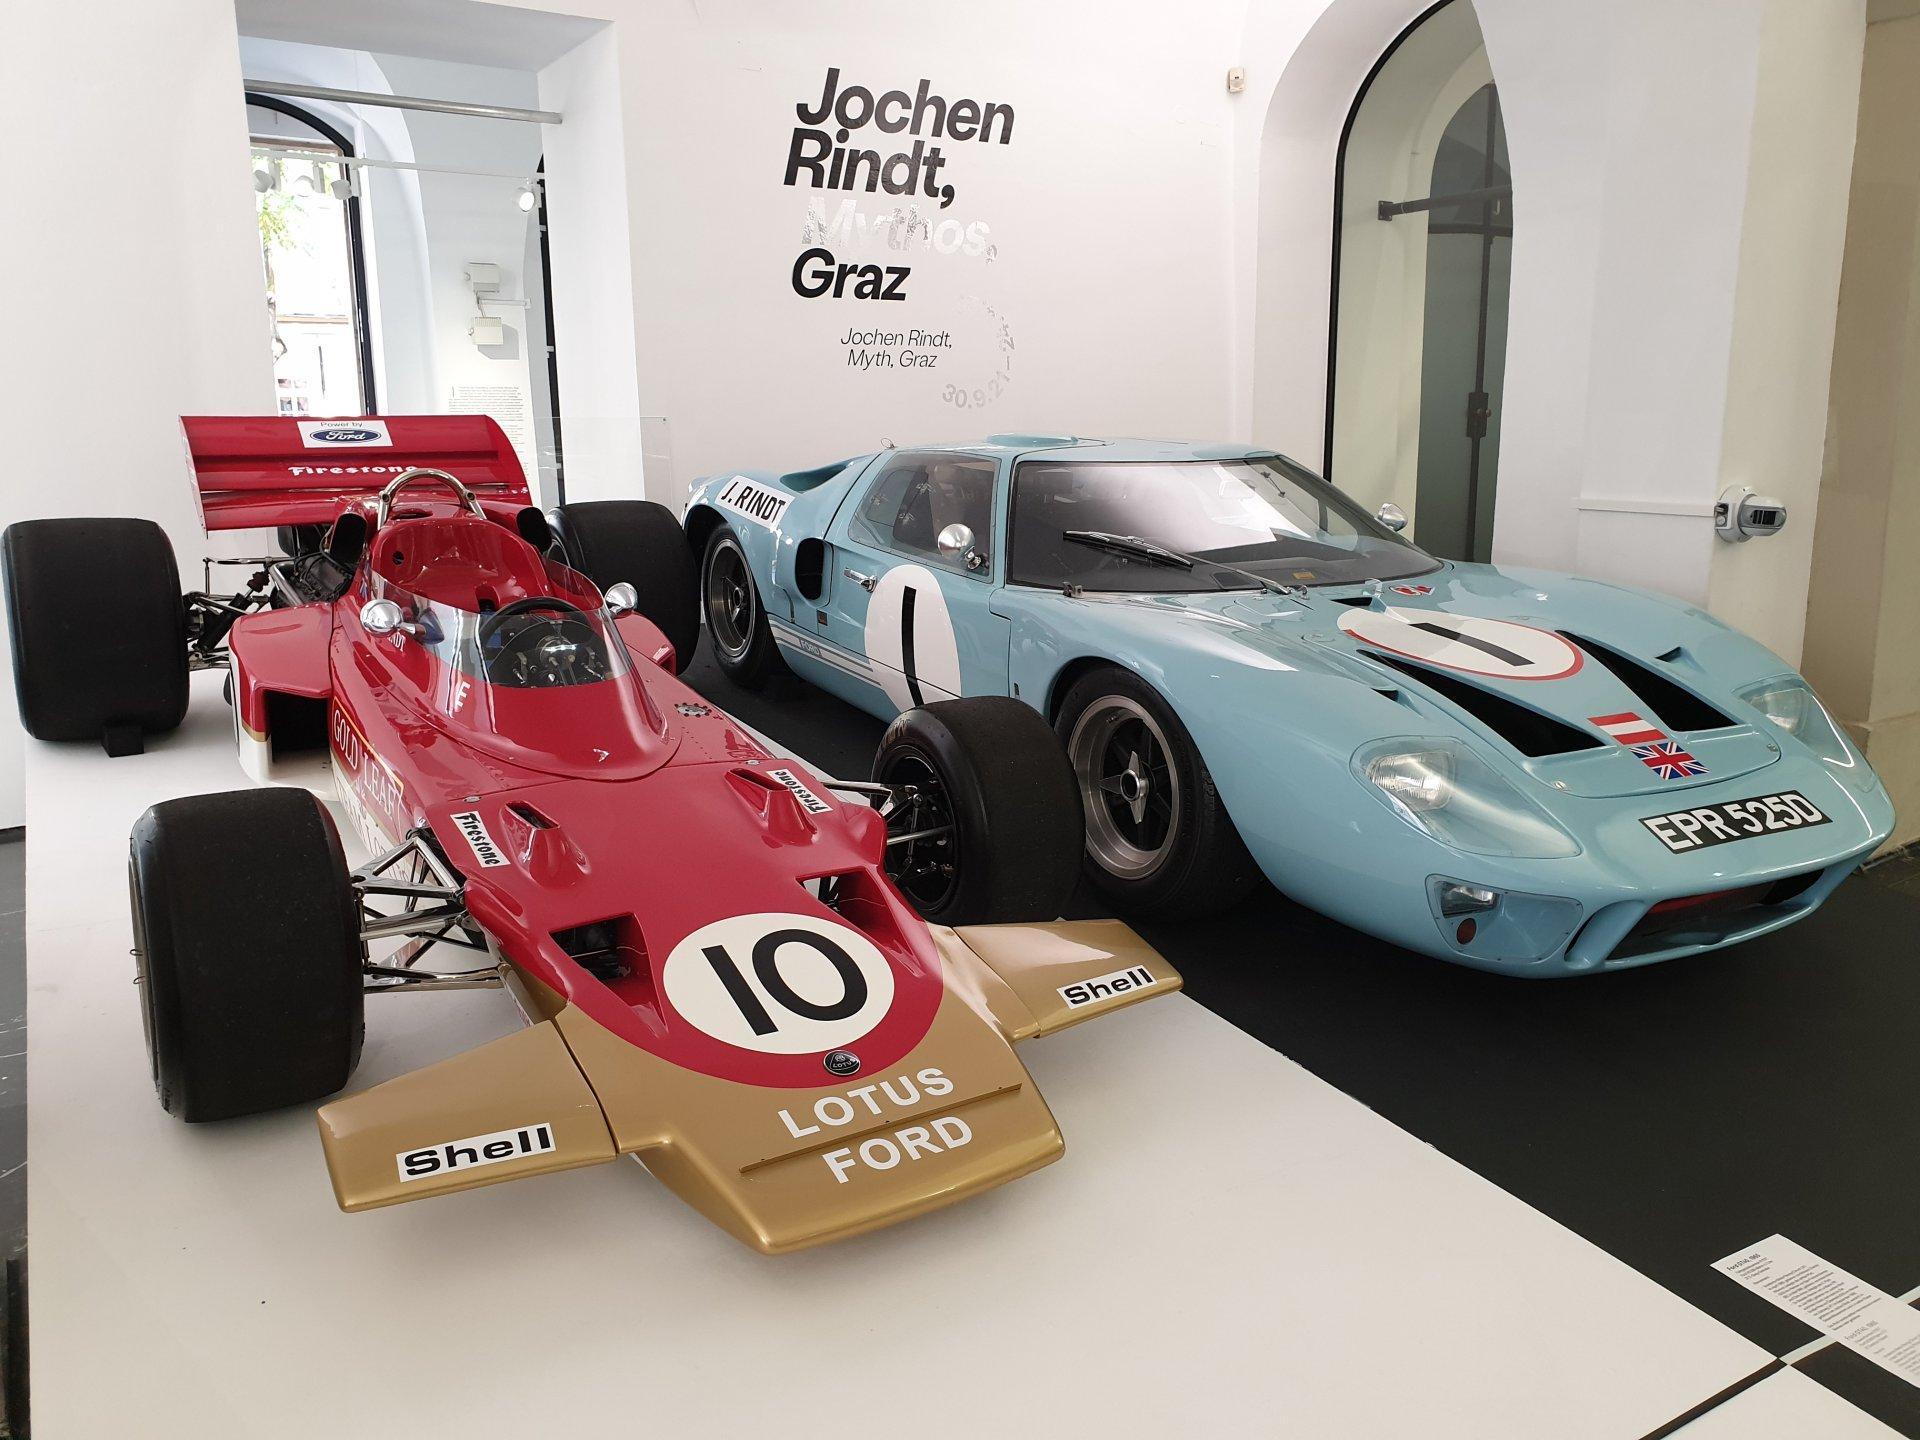 Ford Jochen Rindt.jpg